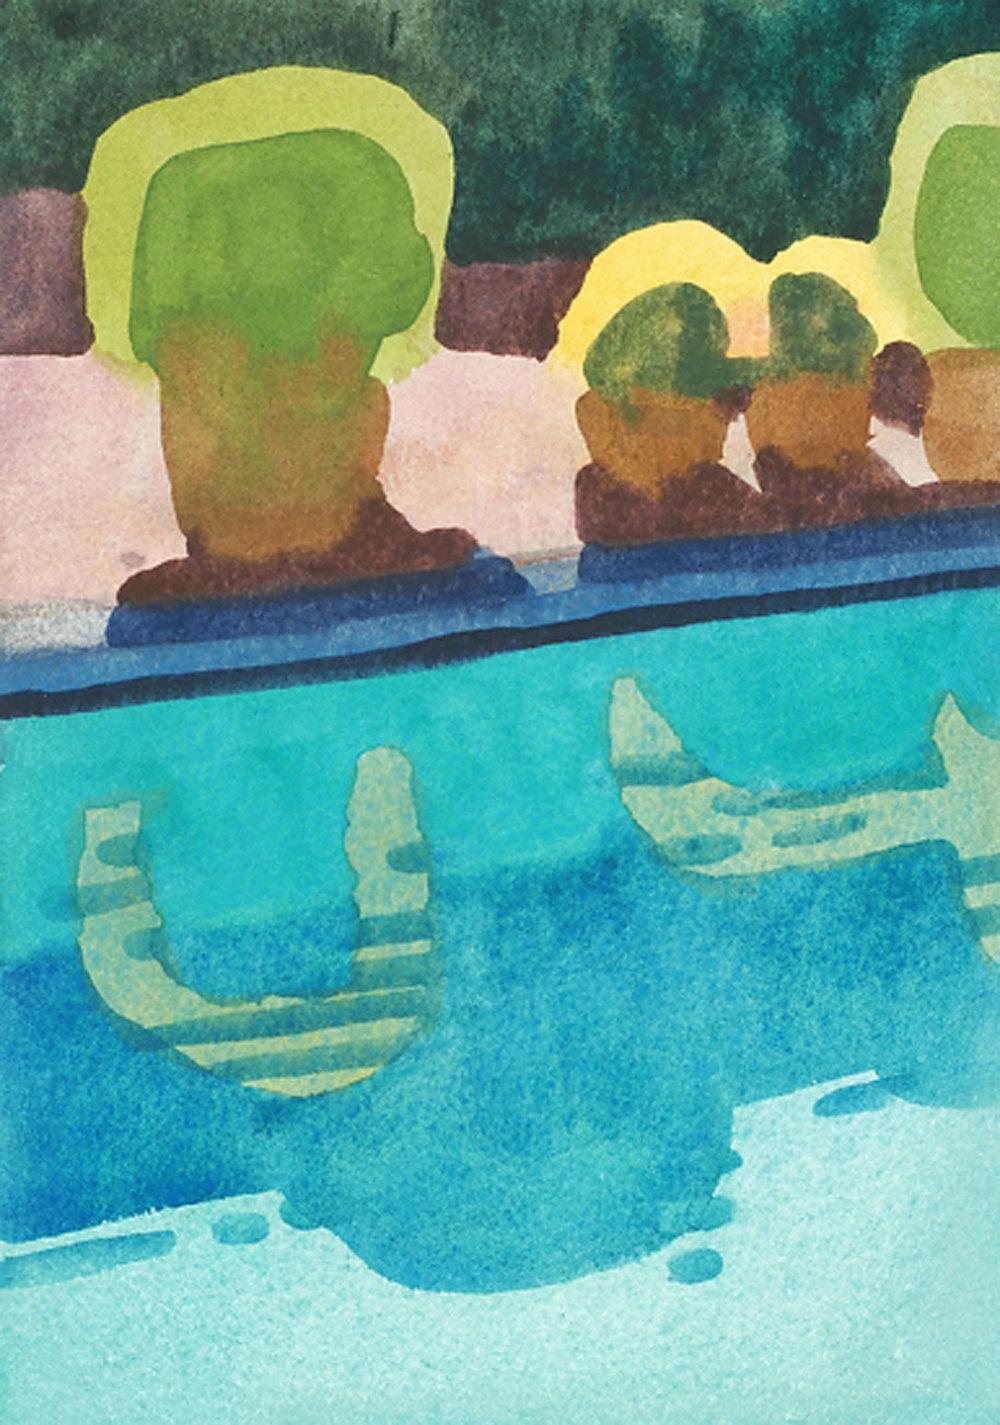 Filoli Pool